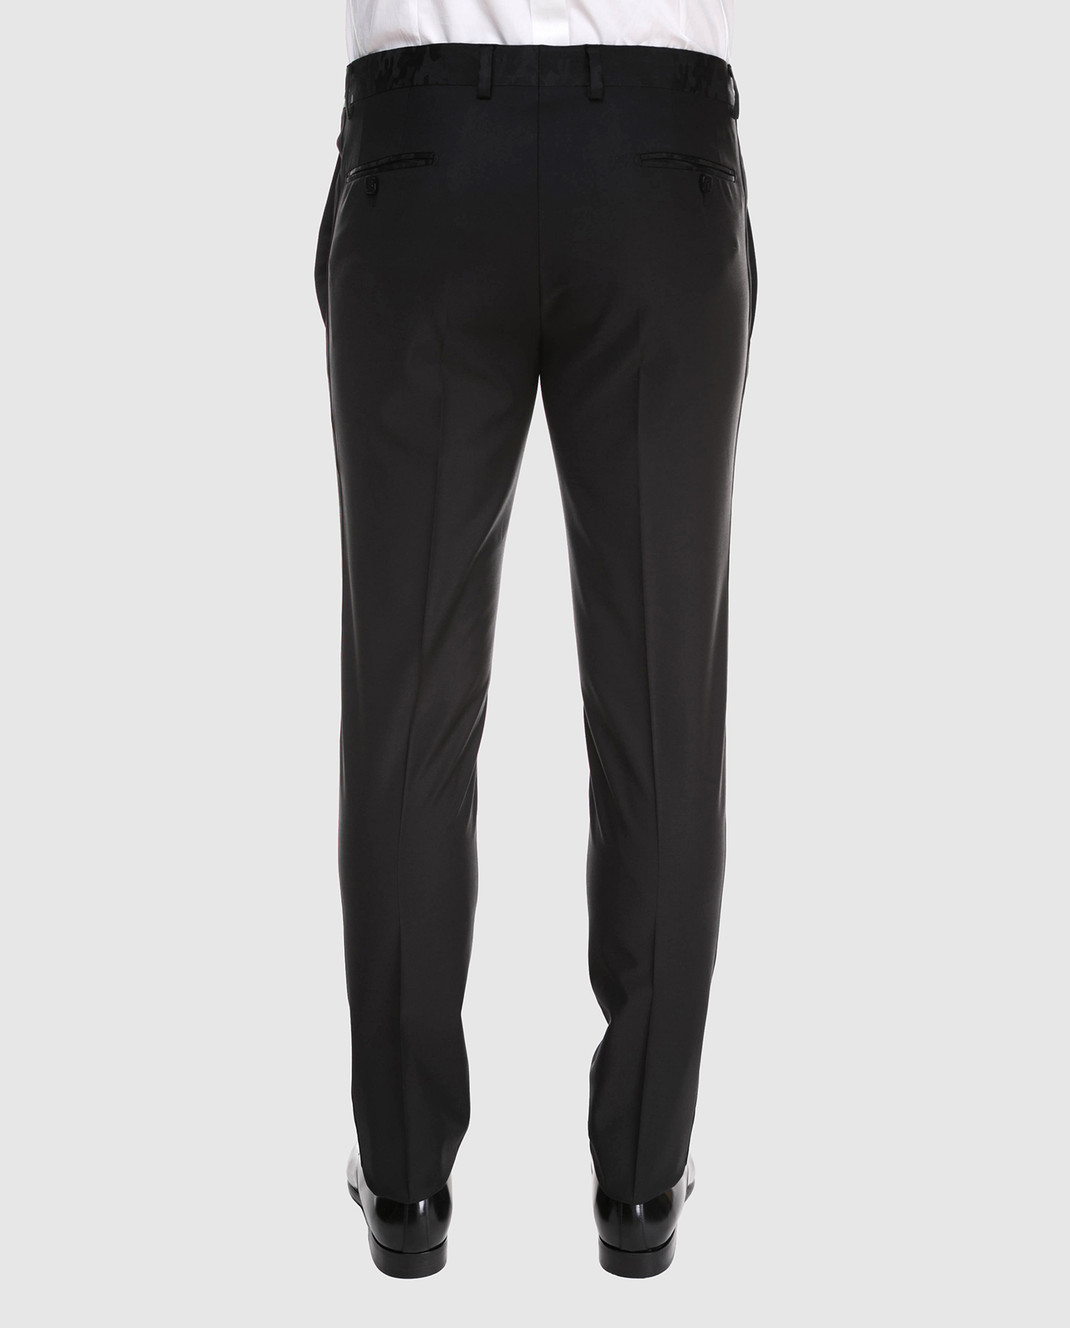 Billionaire Черные брюки MRT0320 изображение 4